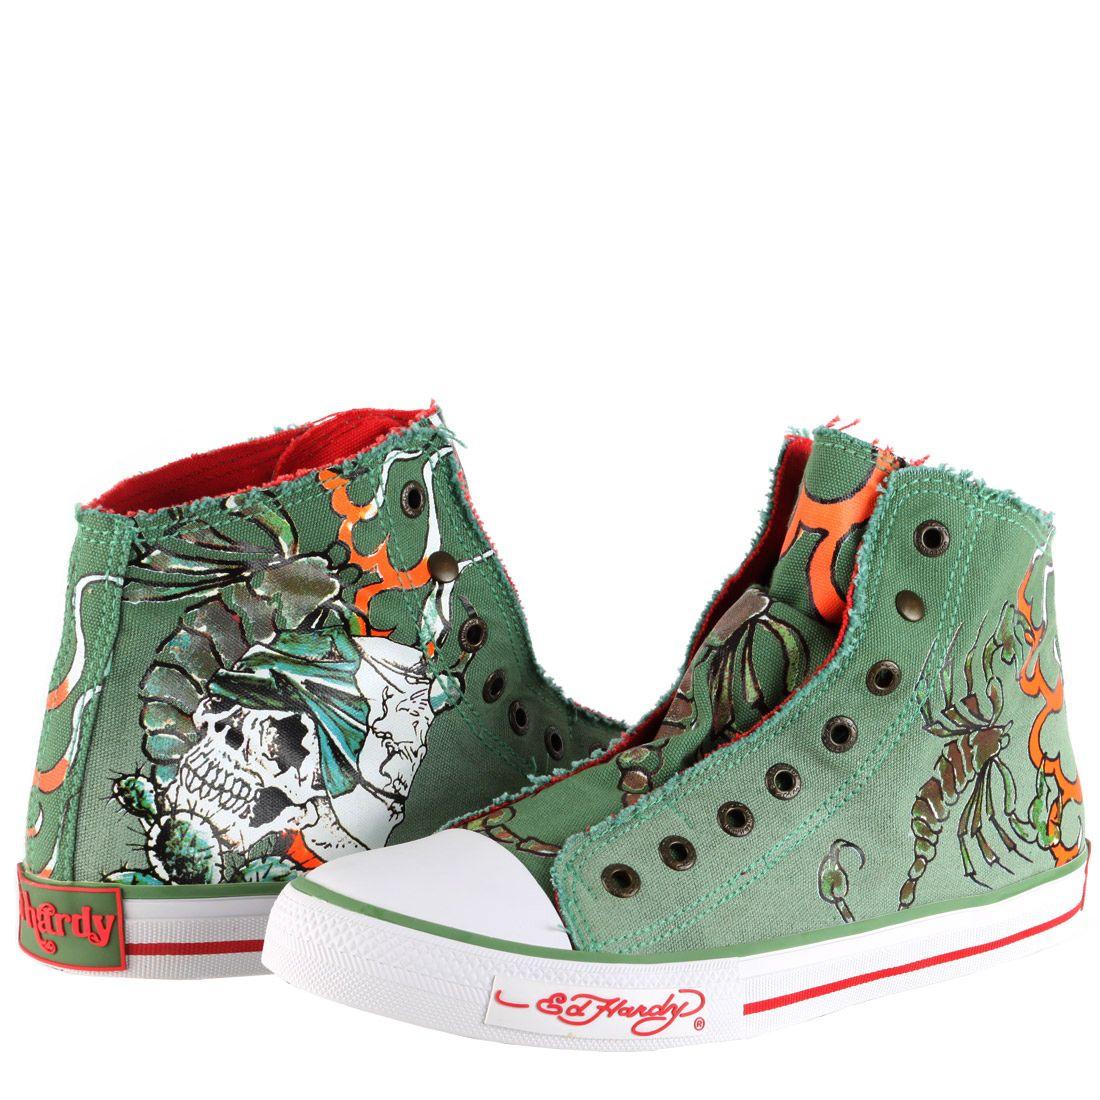 0e546fce8f0531 Ed Hardy Highrise Sneaker for Men - Military